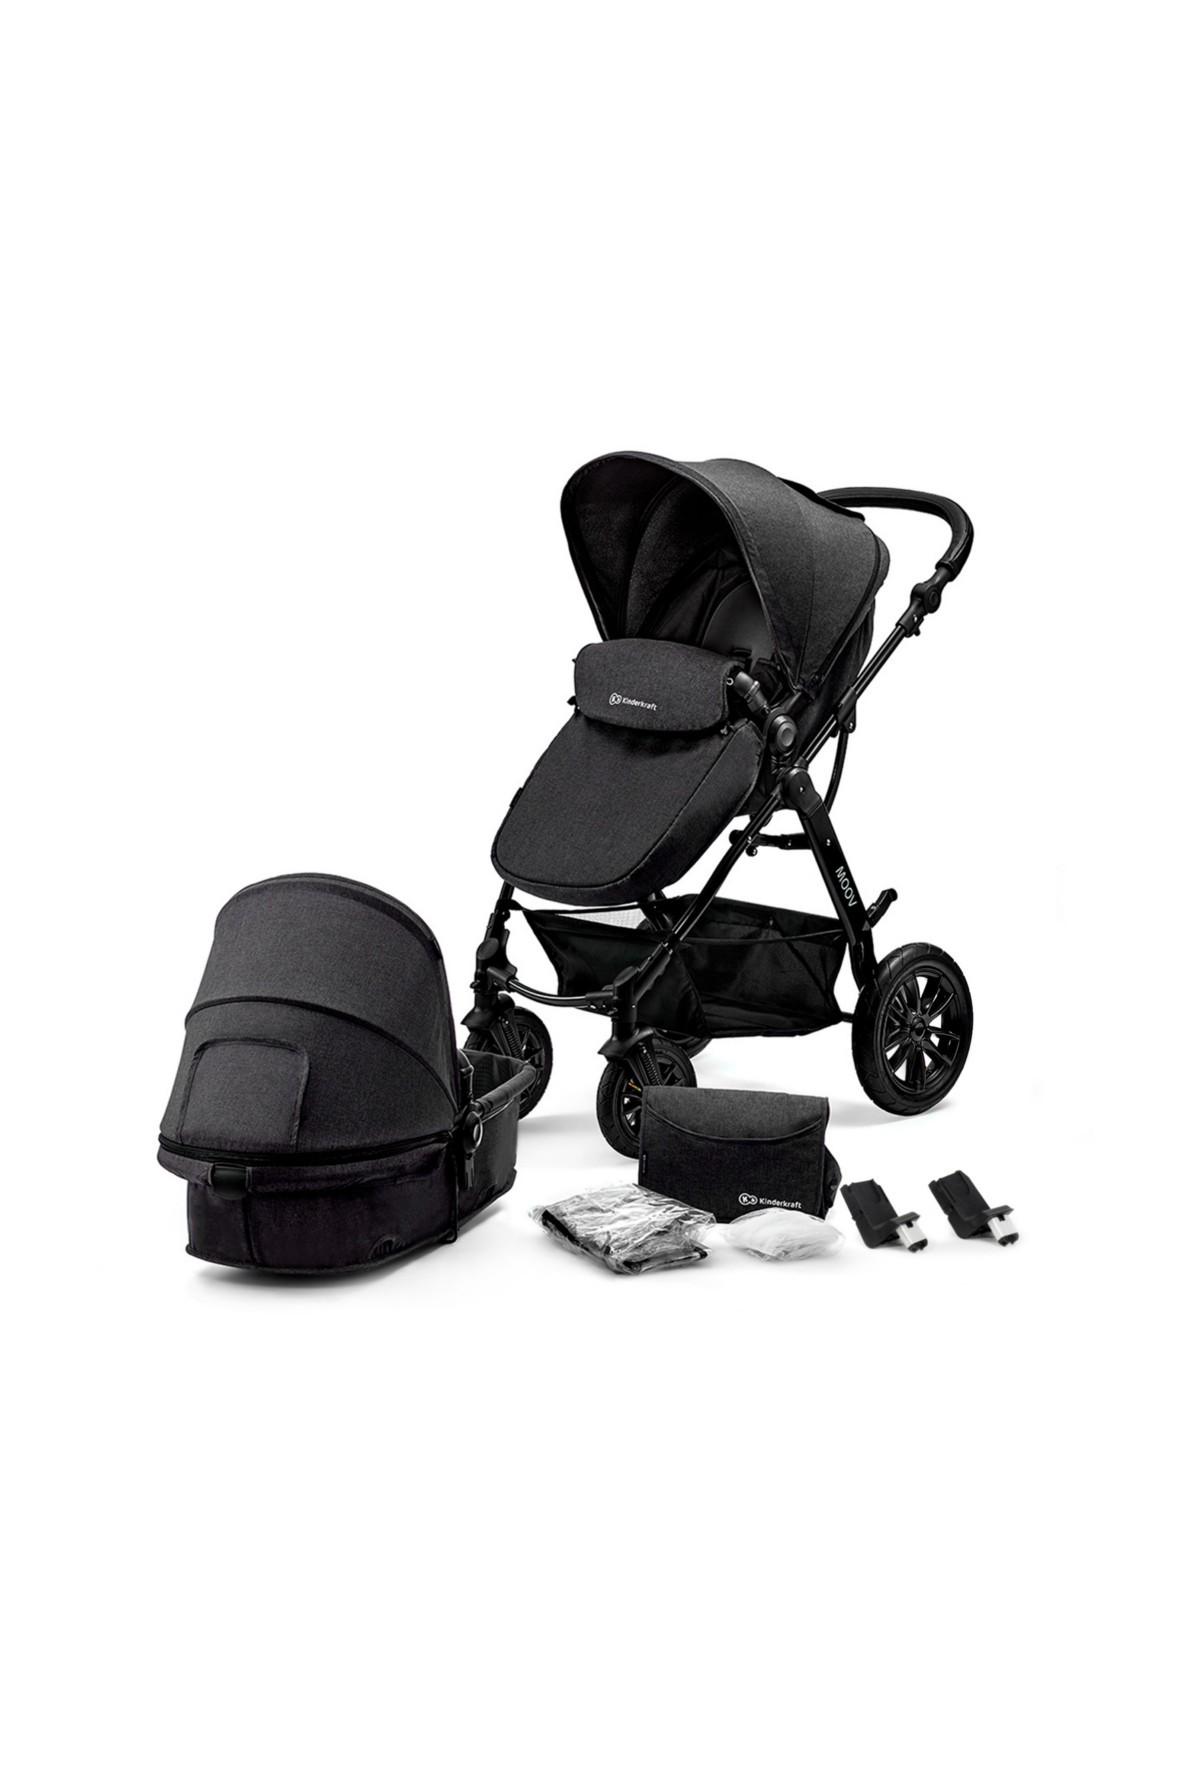 Kinderkraft Wózek wielofunkcyjny 2w1 MOOV